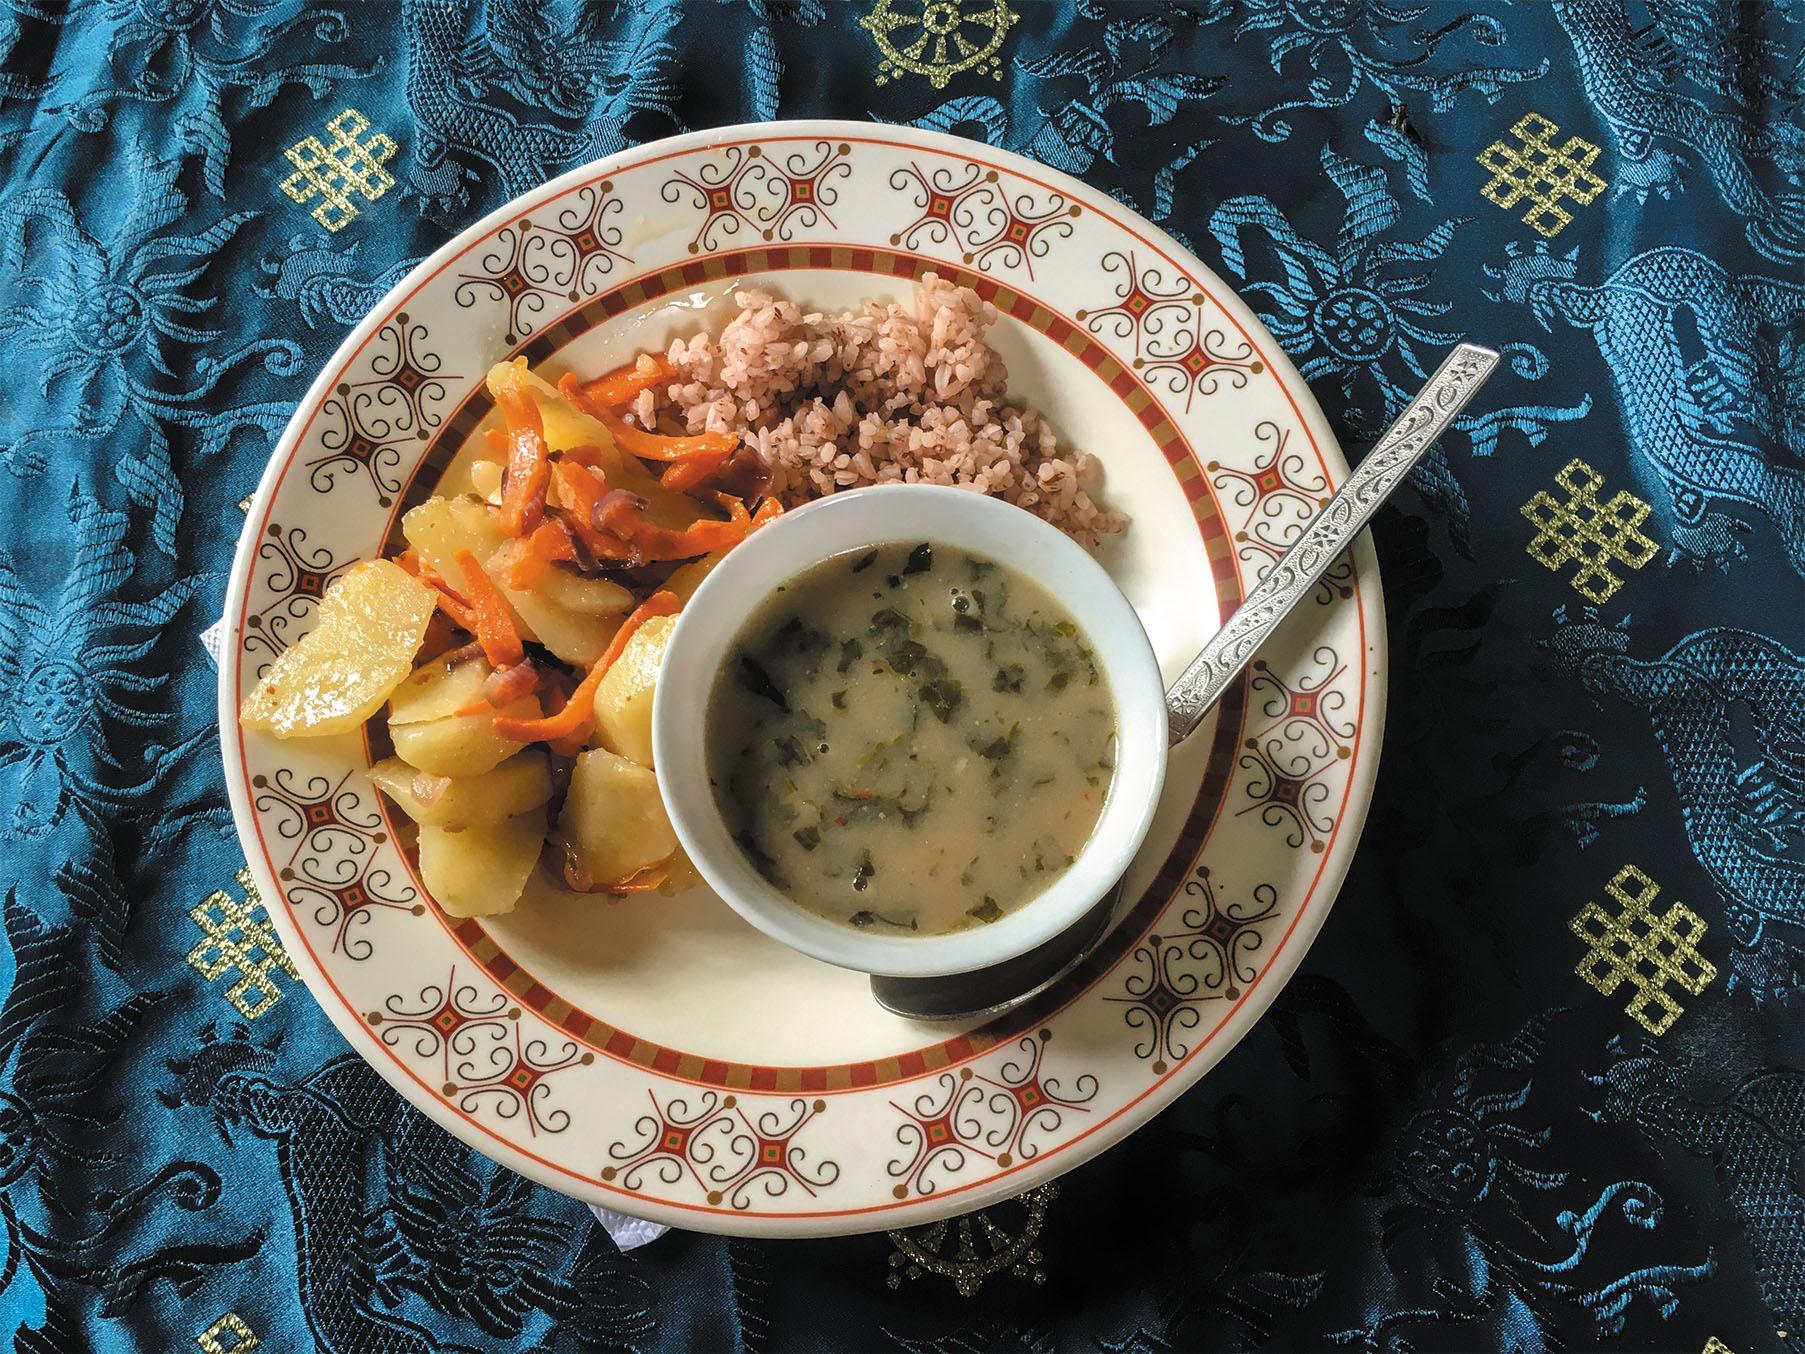 僧侶学校の昼食。ベジタリアン食だが味付けにバターを使用しているので満足度は非常に高い。